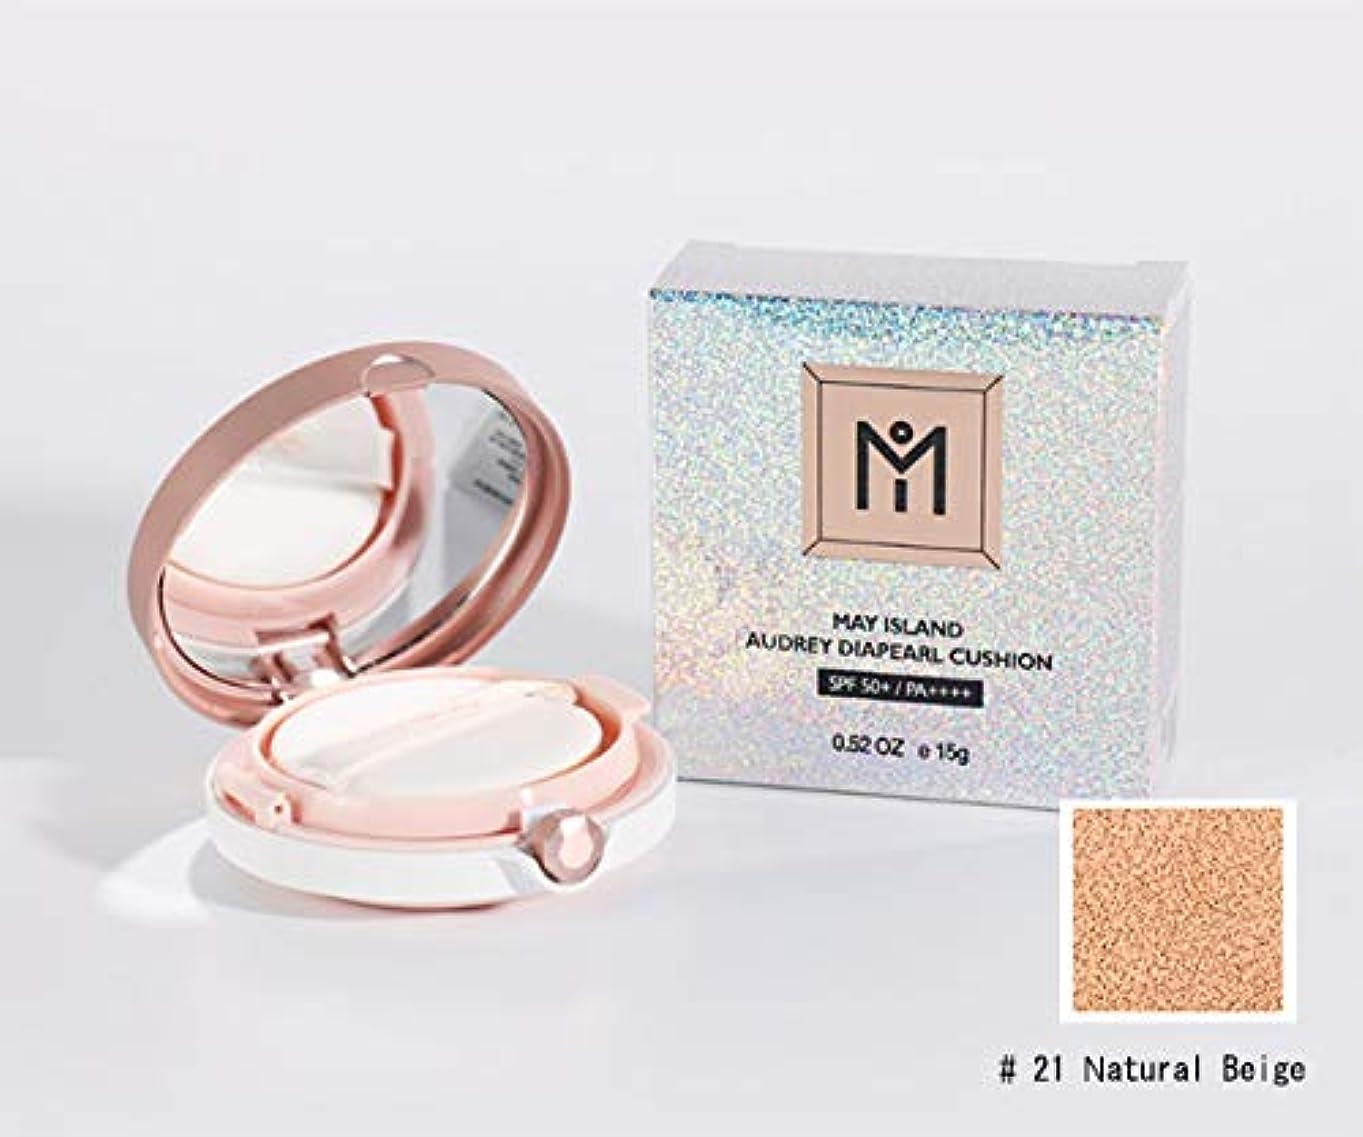 レンチしっかり心配[MAY ISLAND] AUDREY DIAPEARL CUSHION[#21.Natural Beige] ダイヤモンドパールクッション SPF50+/ PA++++[美白、シワの改善、紫外線遮断3の機能性化粧品]韓国の人気/クッション/化粧品